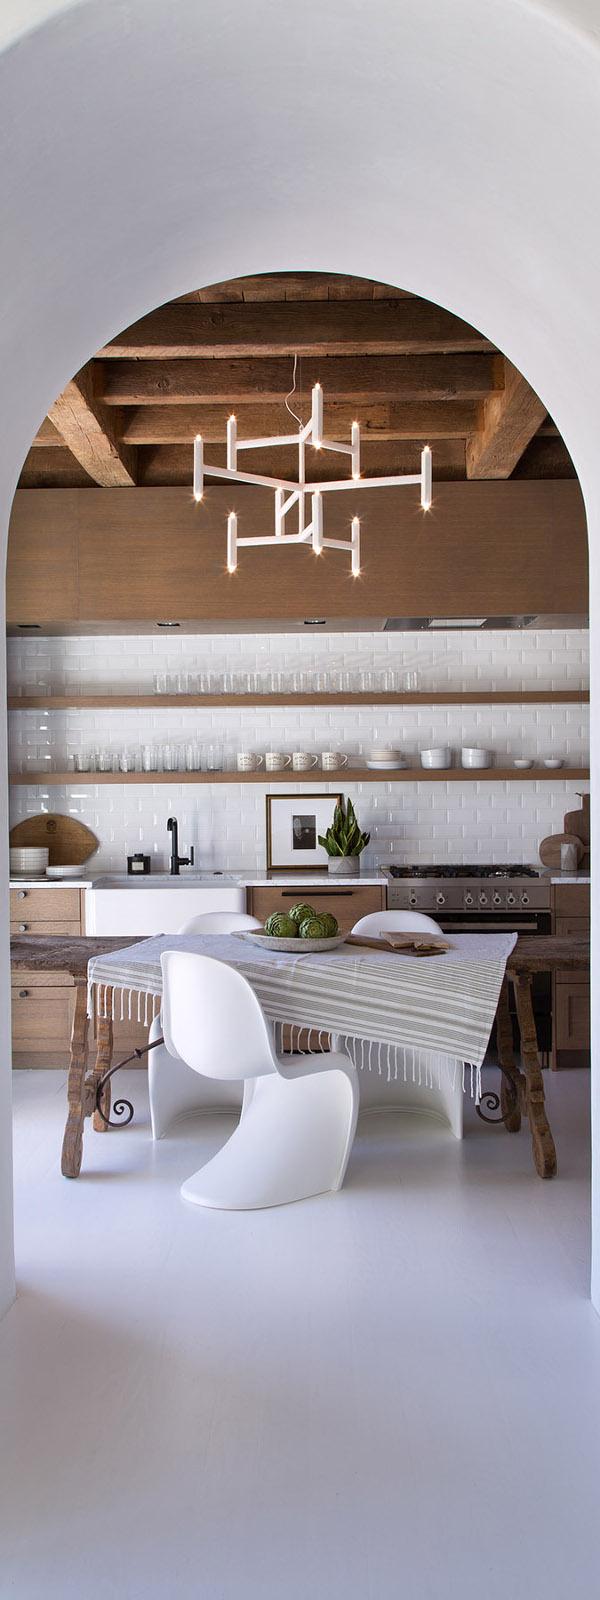 Doorway Image for Colorado Home Builder